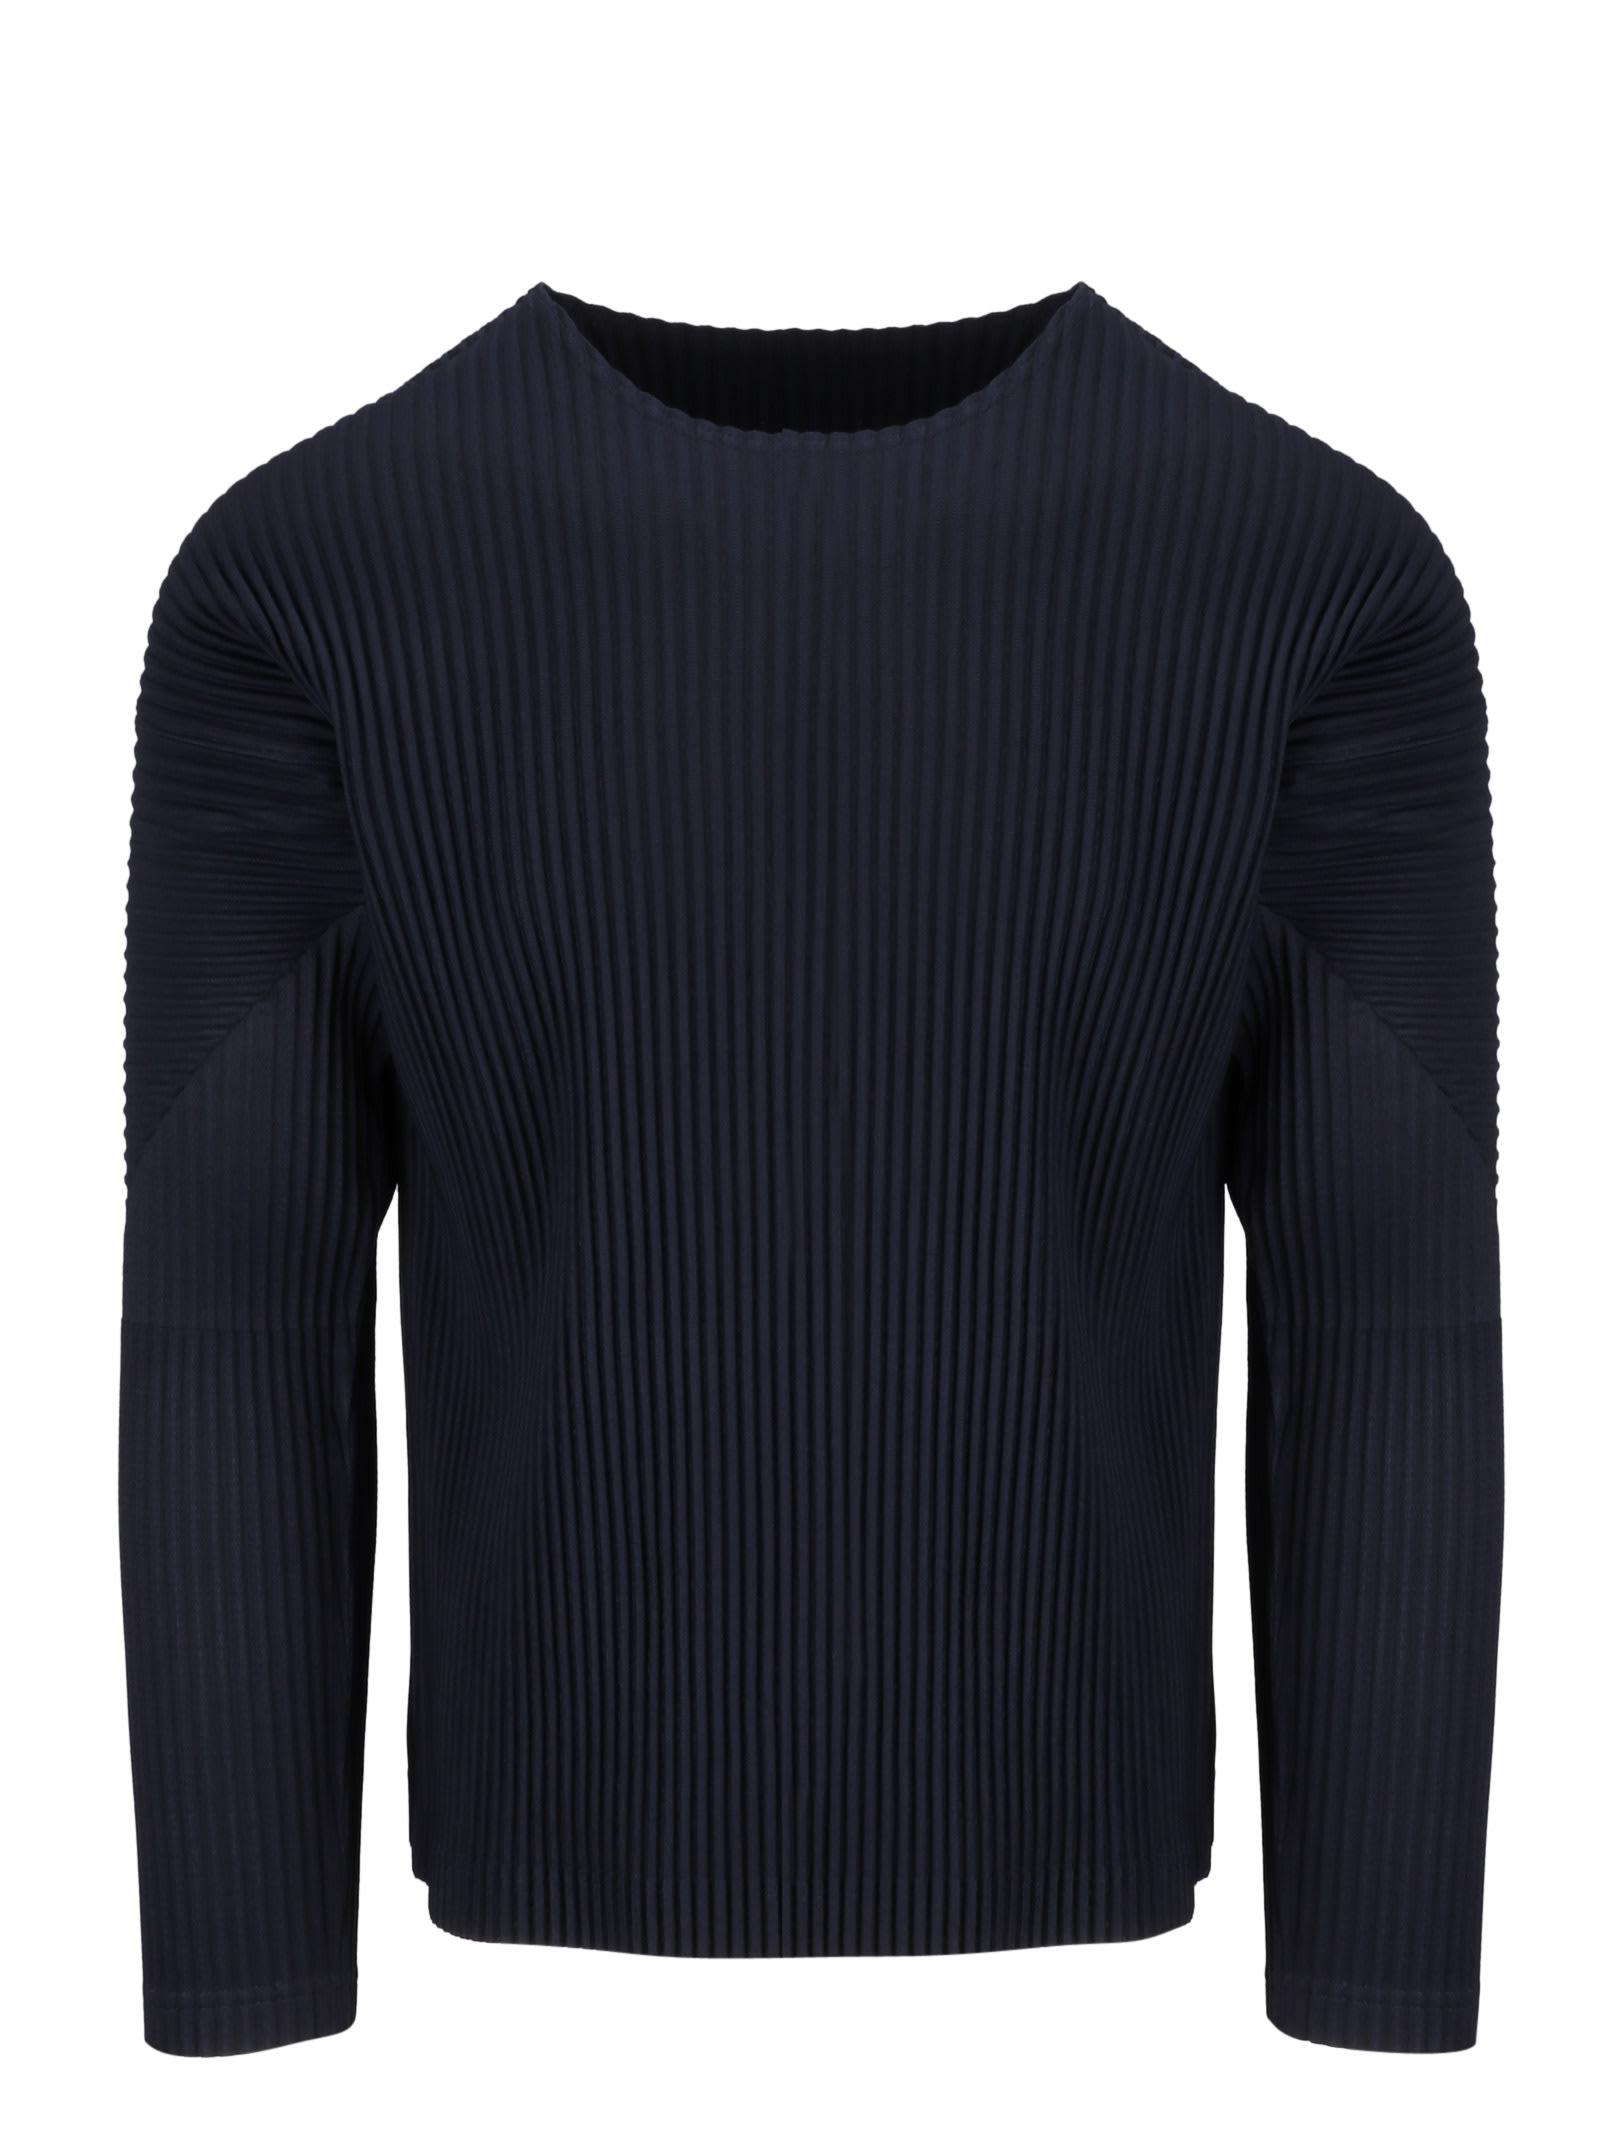 Pleated Sweatshirt